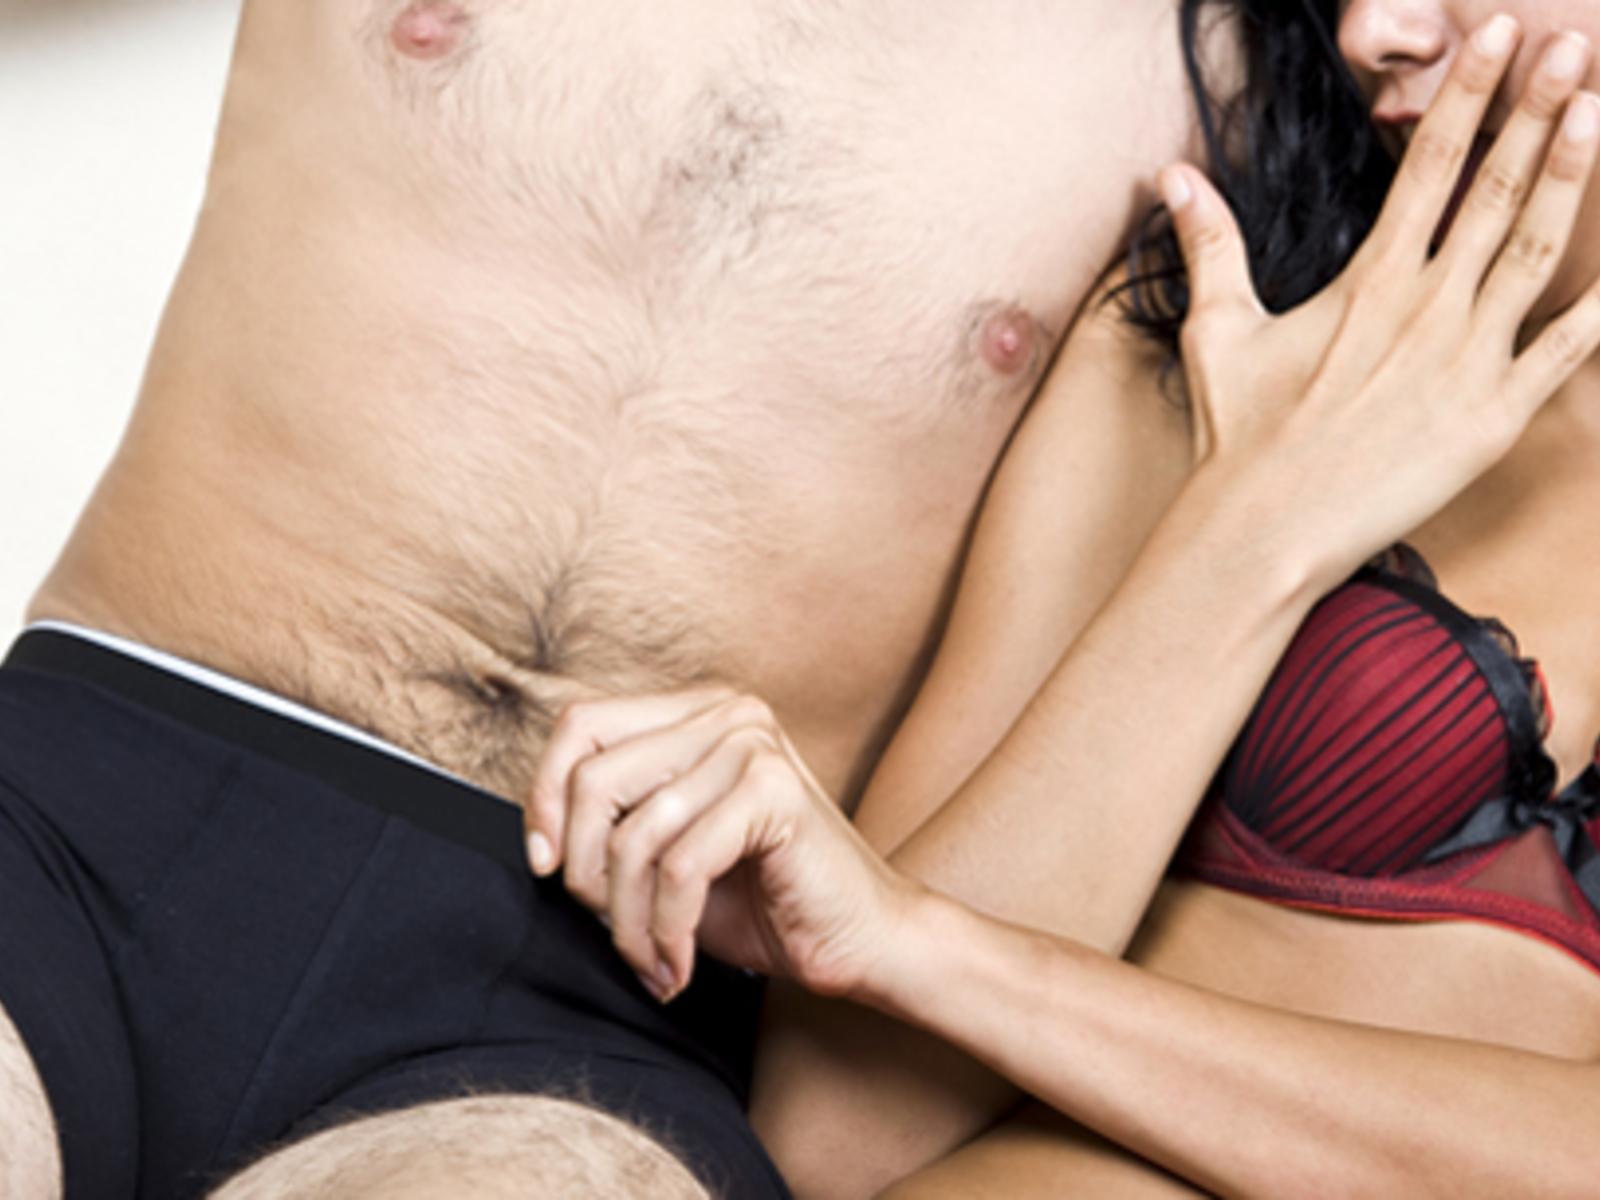 Mann nicht beschnittener Beschnittener Penis: